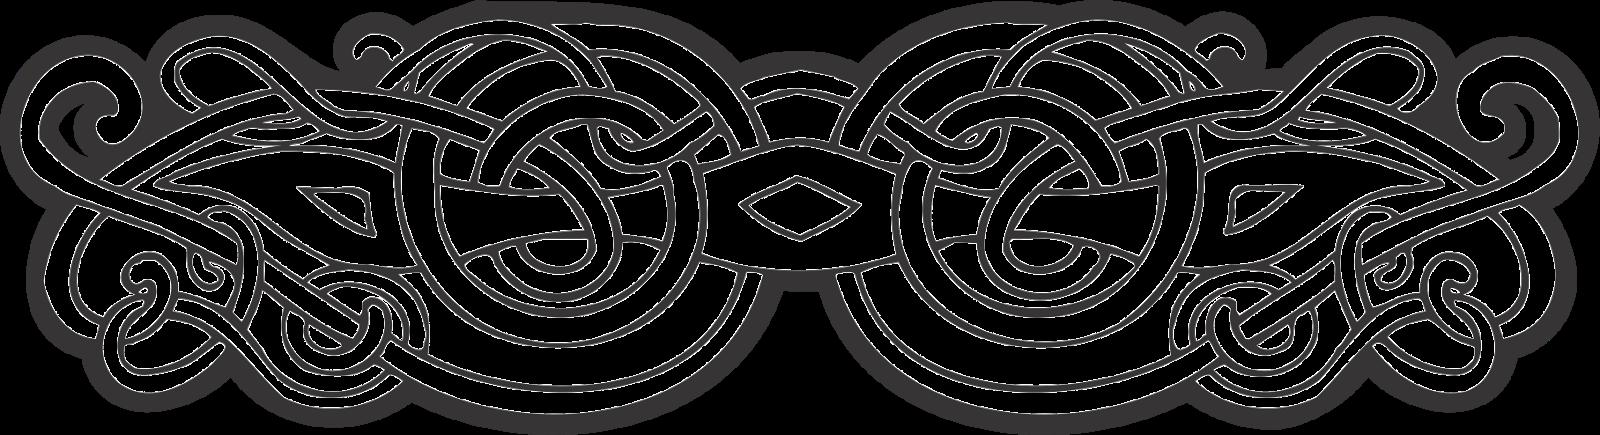 1600x435 Celtic Ornament Vector Png